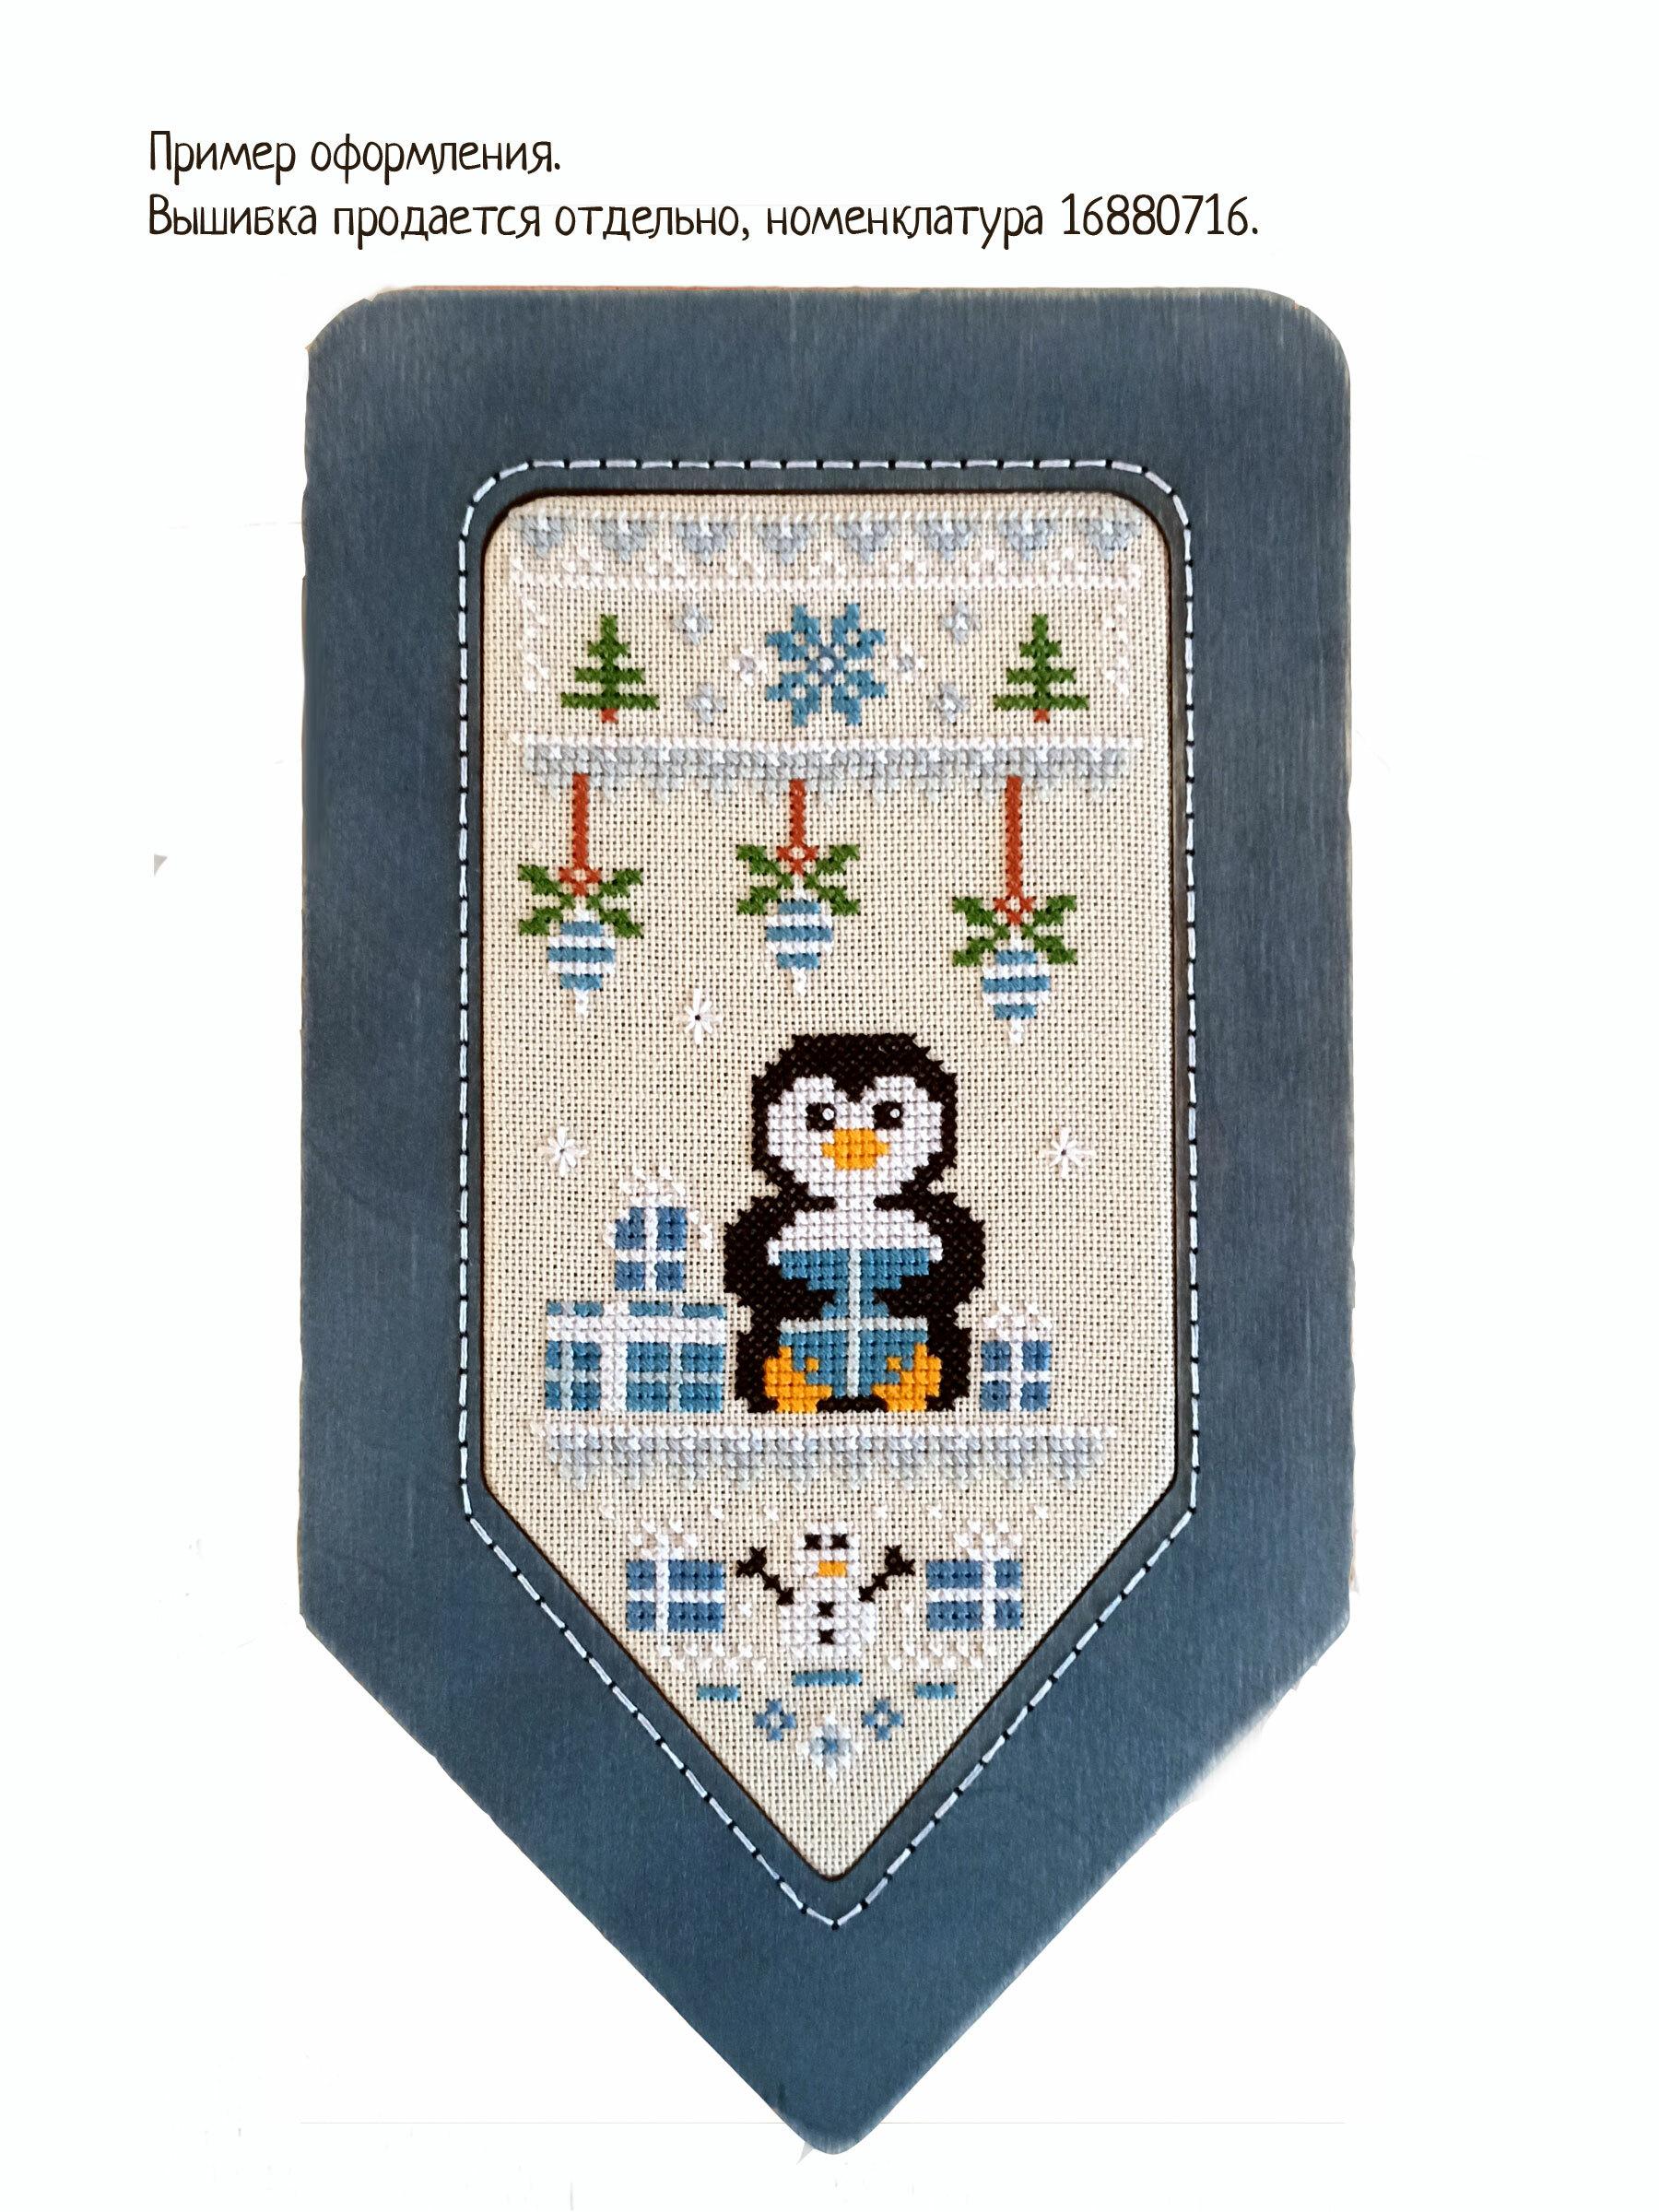 Рамка для вышивки Флажок (цвет Джинс)